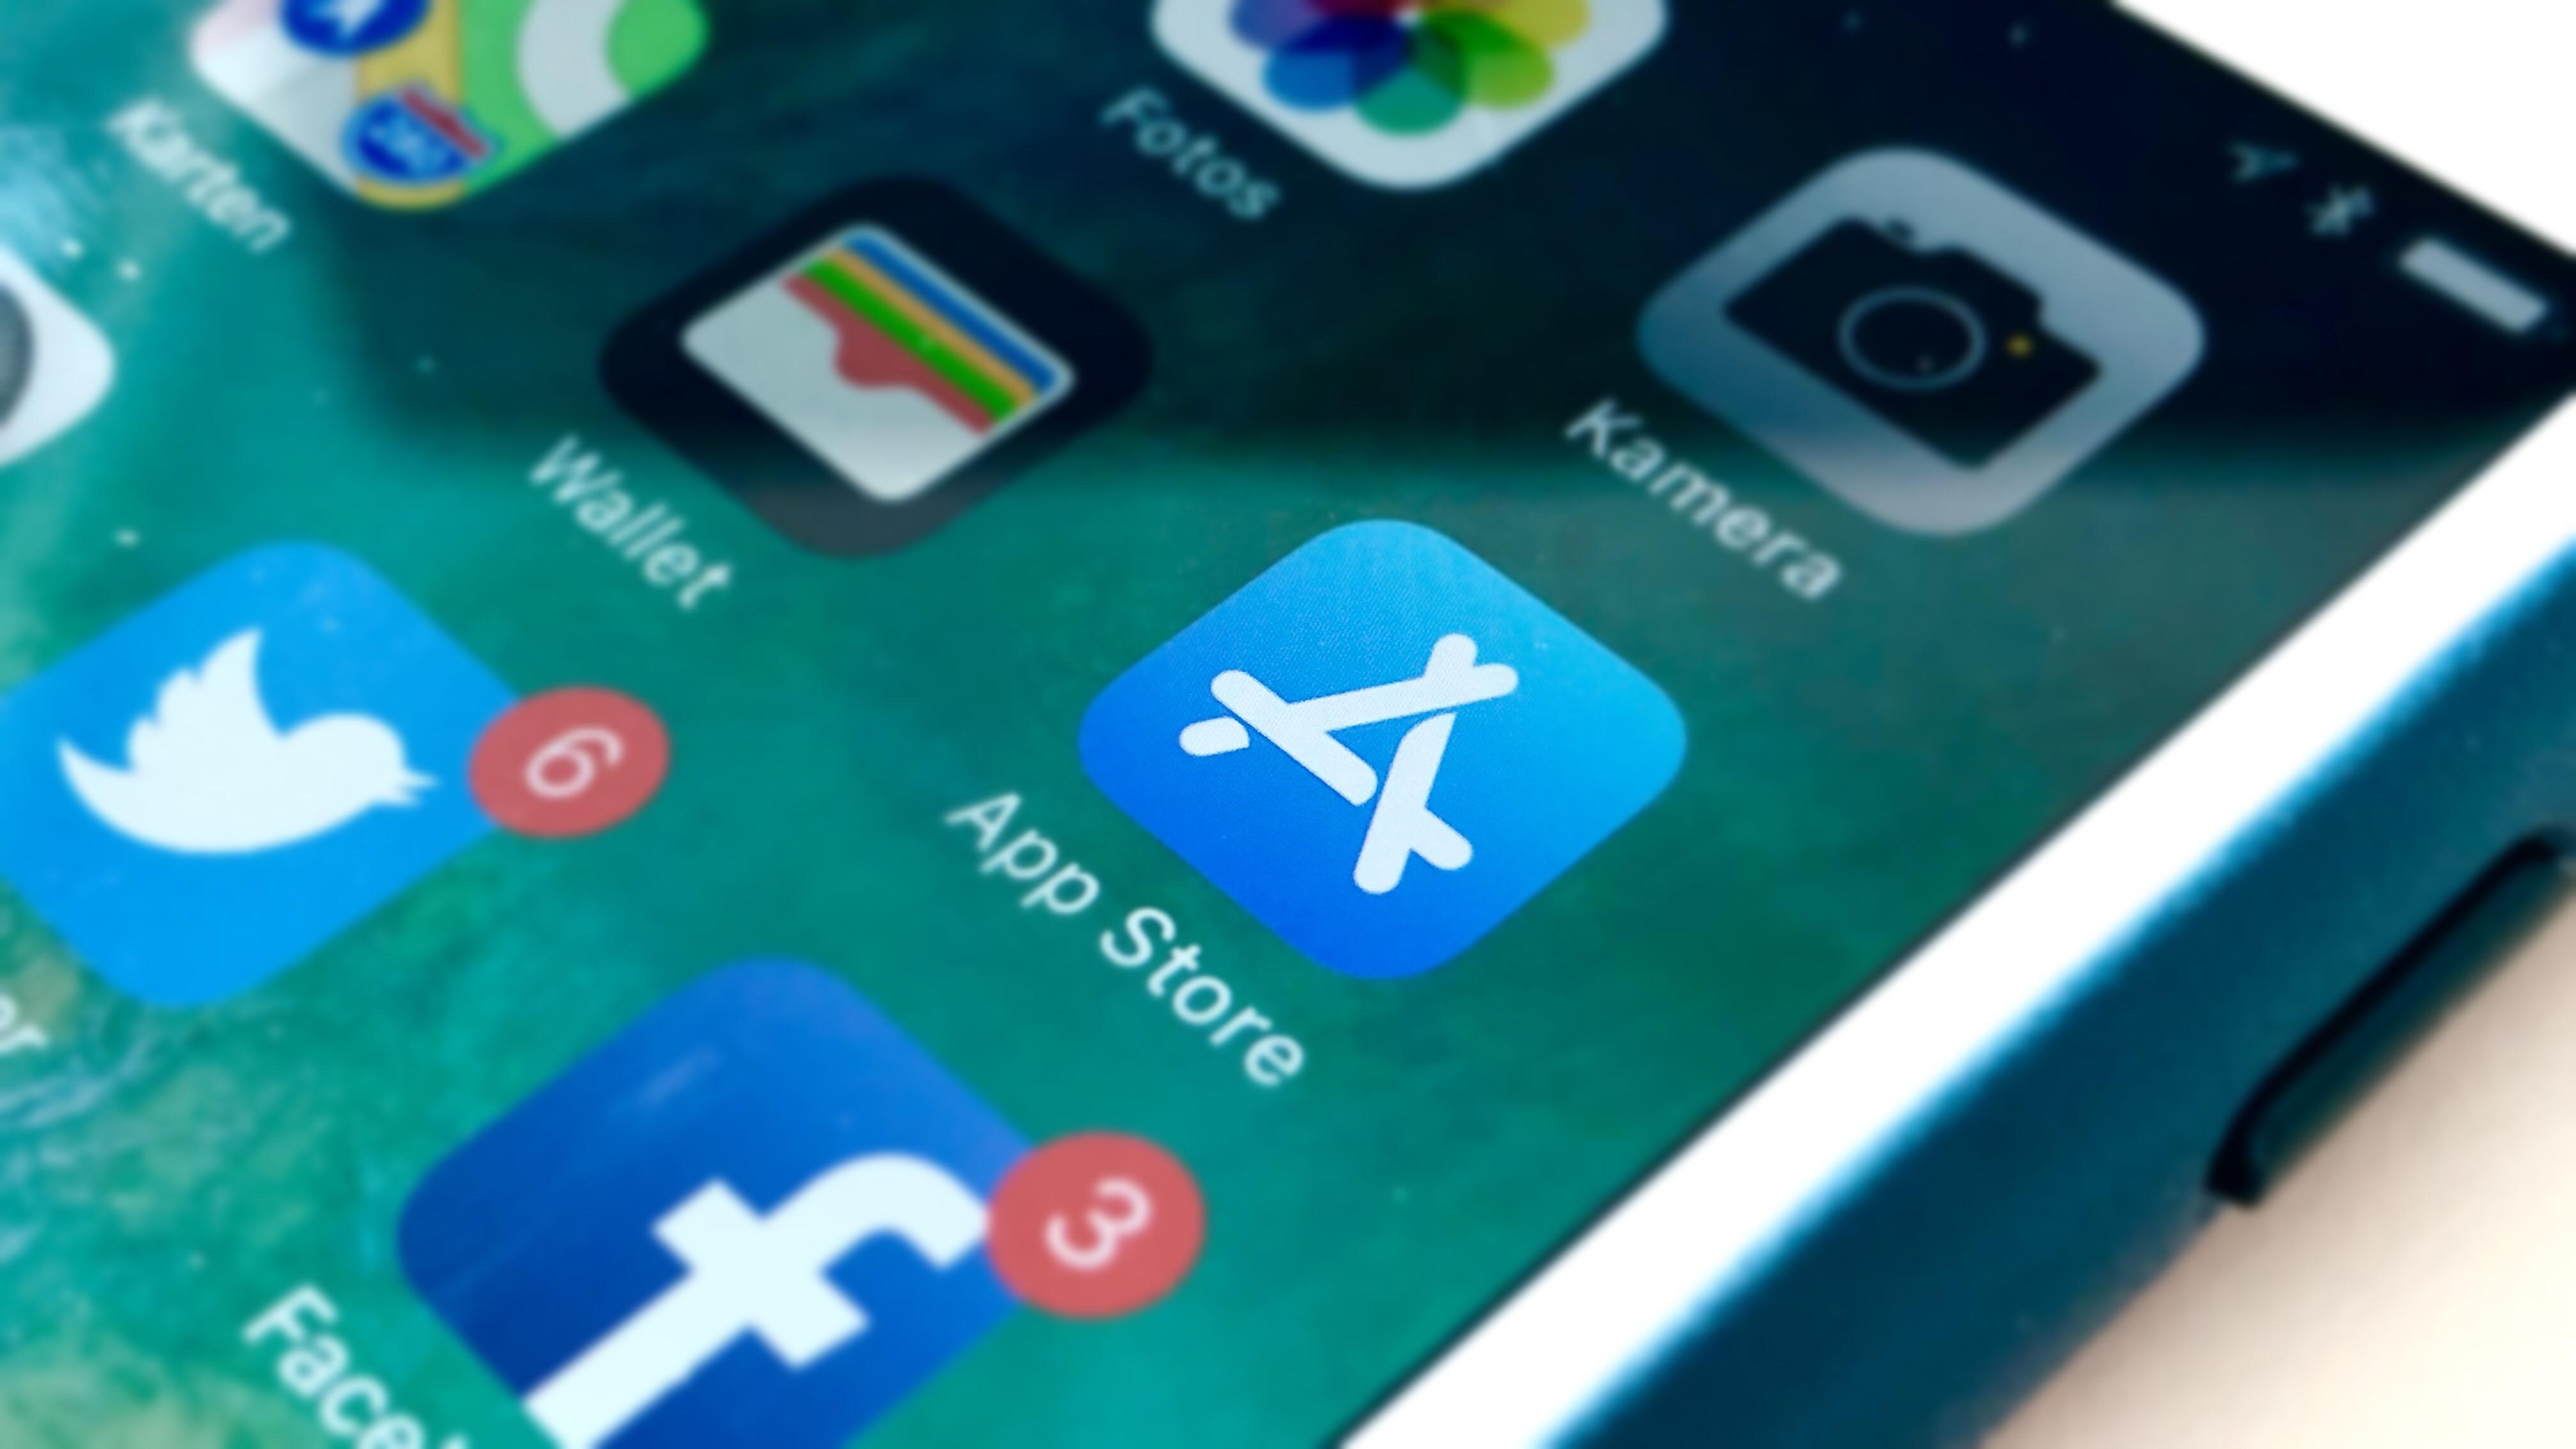 App Store auf iOS